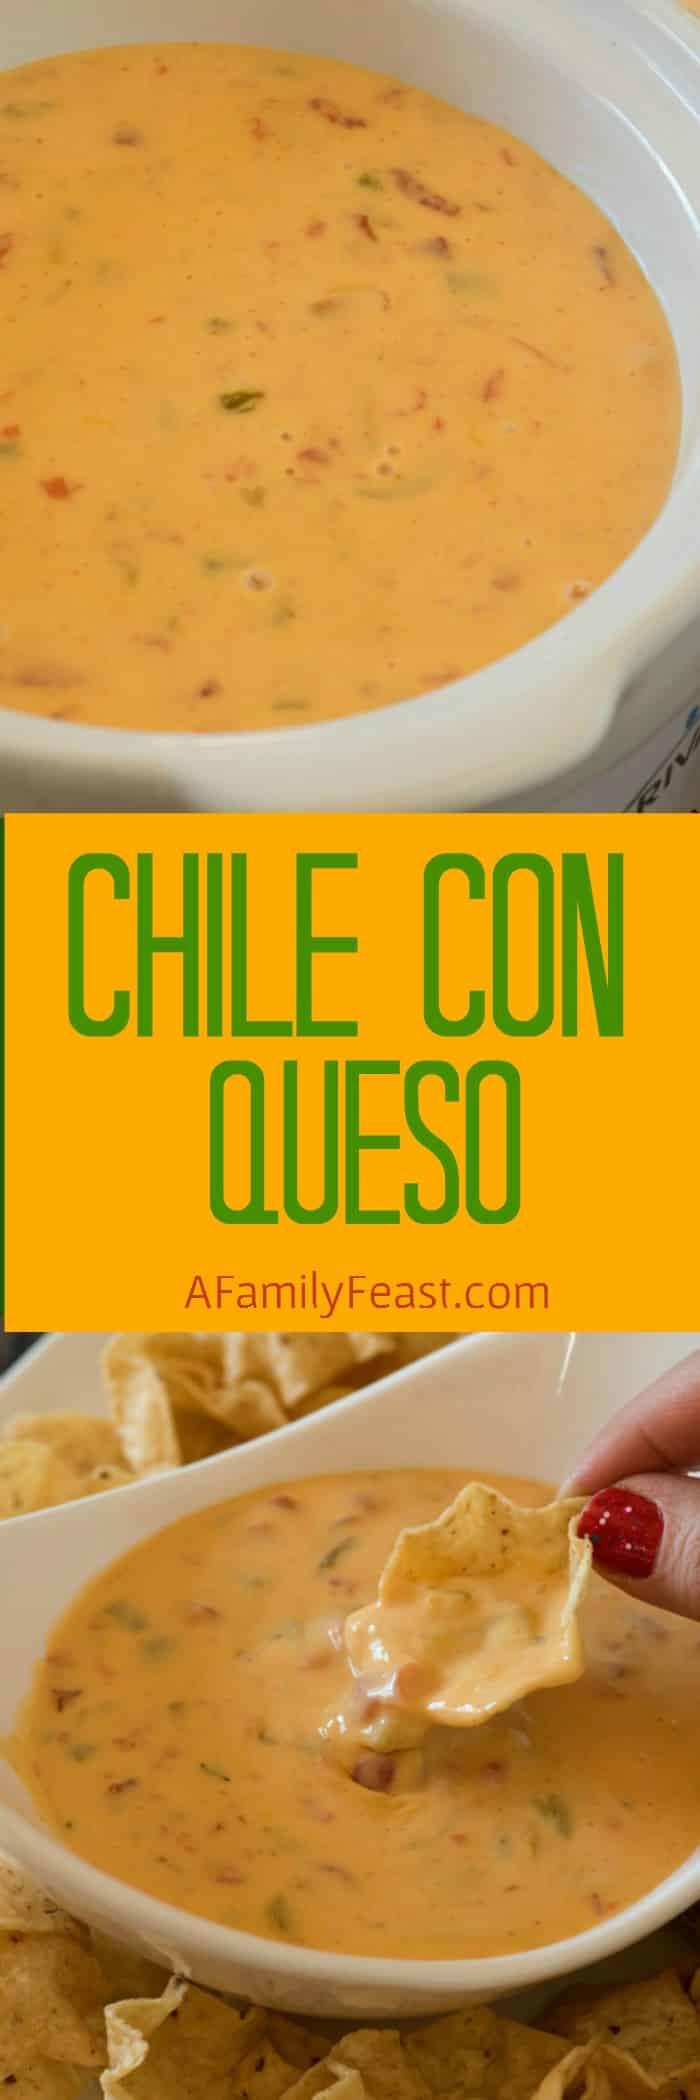 Chile con Queso - A Family Feast